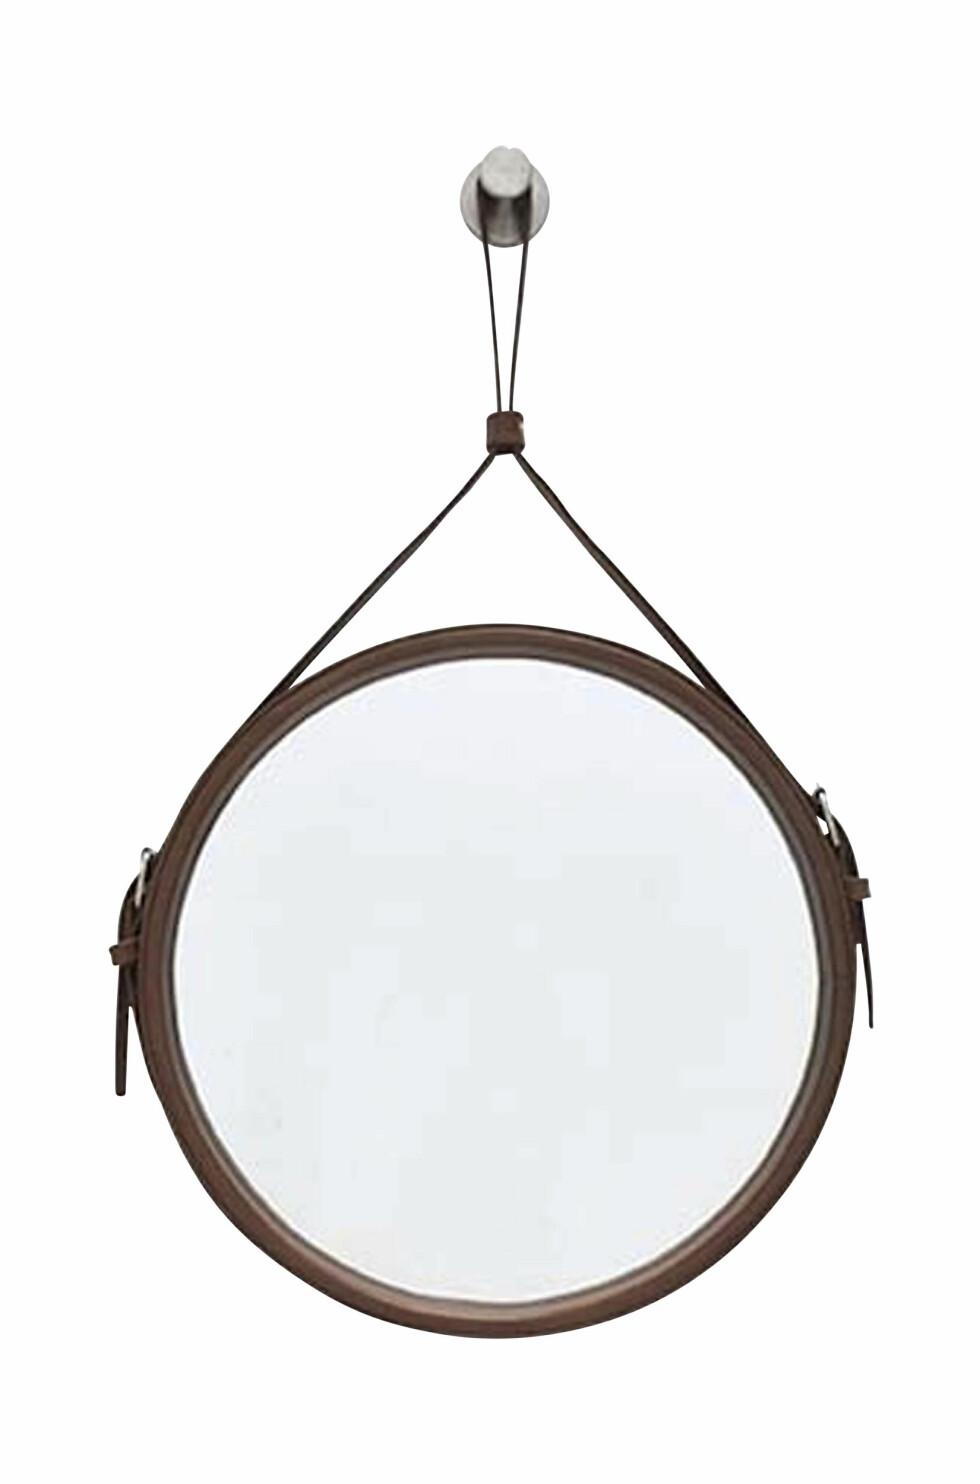 Speil med skinnstropp (kr 350, Ellos Home).